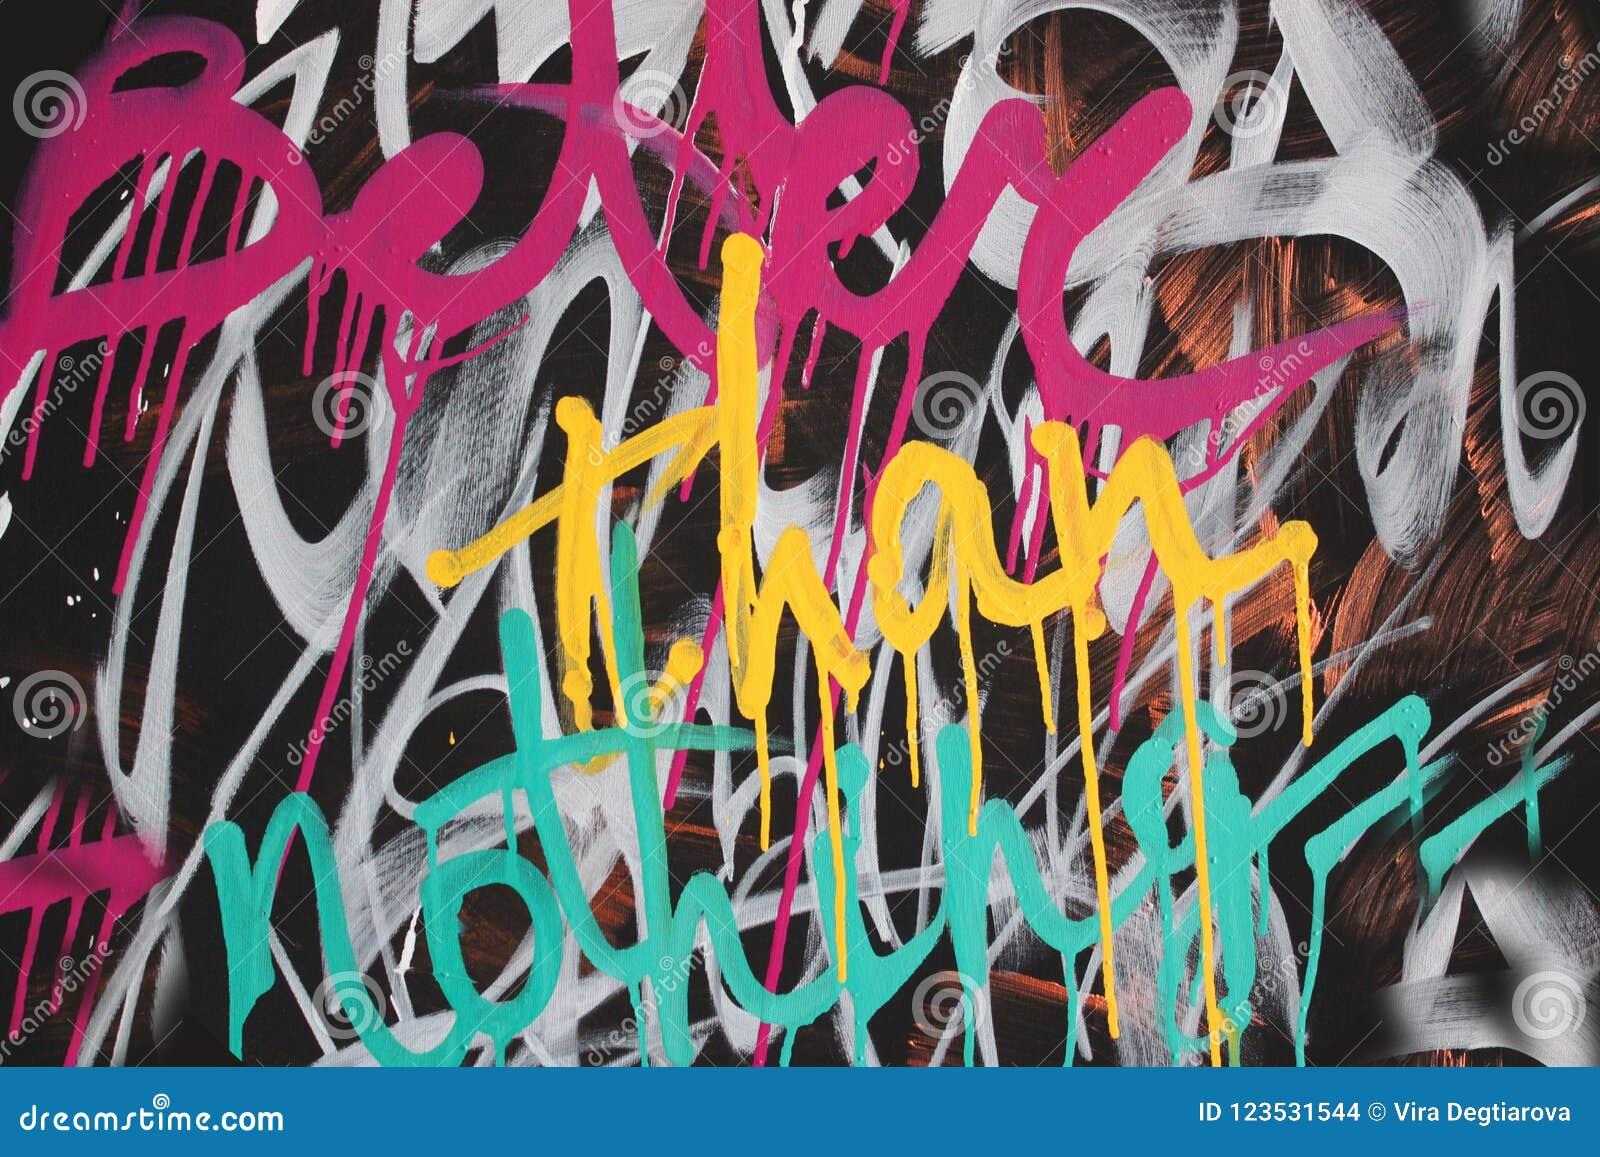 Mer bra än ingenting färgrik målad bakgrund för grafitti